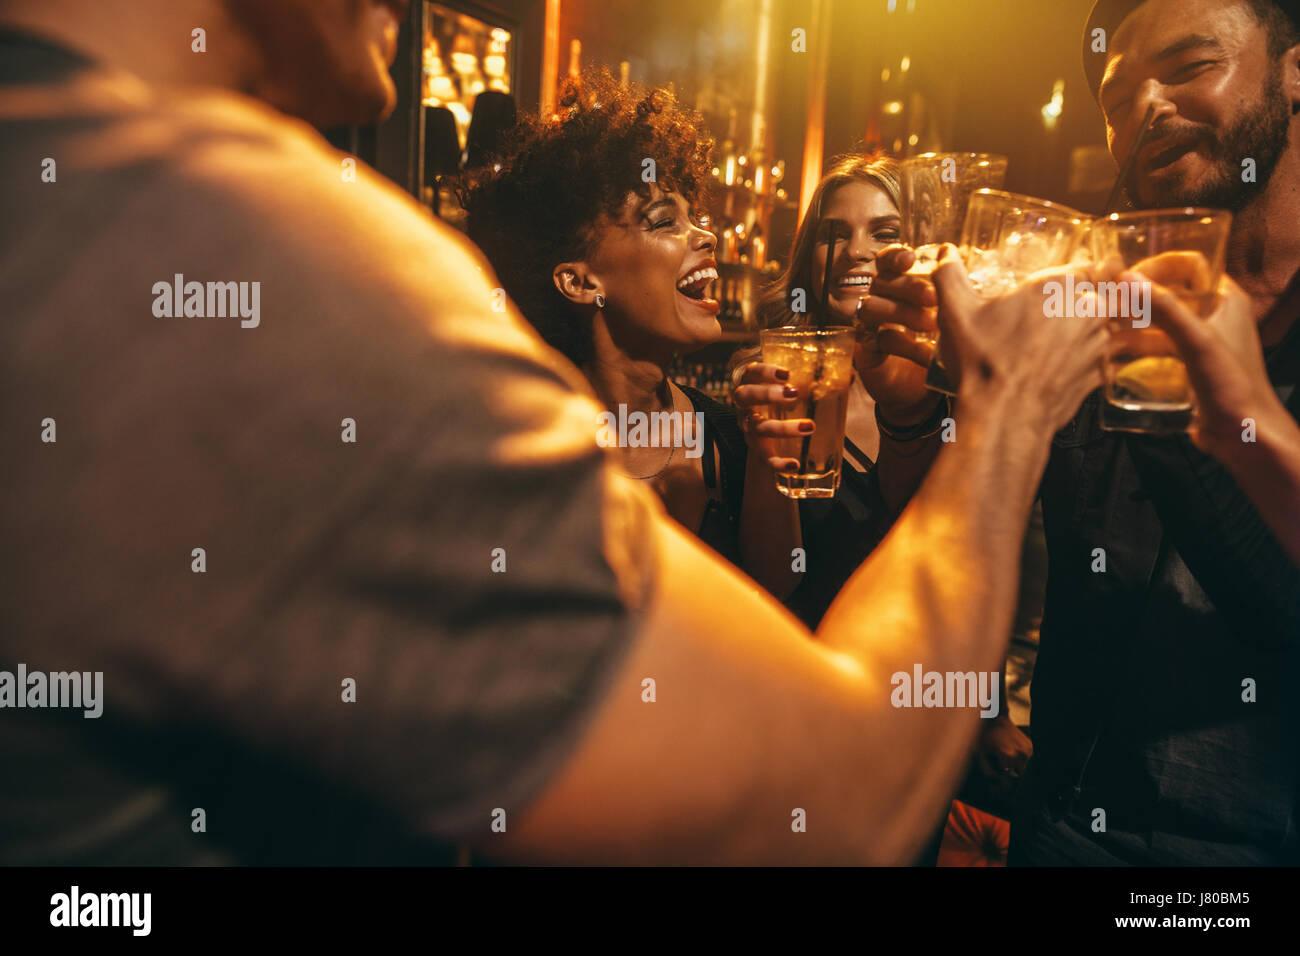 Groupe de gens heureux de prendre un verre au bar. Les jeunes amis à la discothèque toasting cocktails. Photo Stock